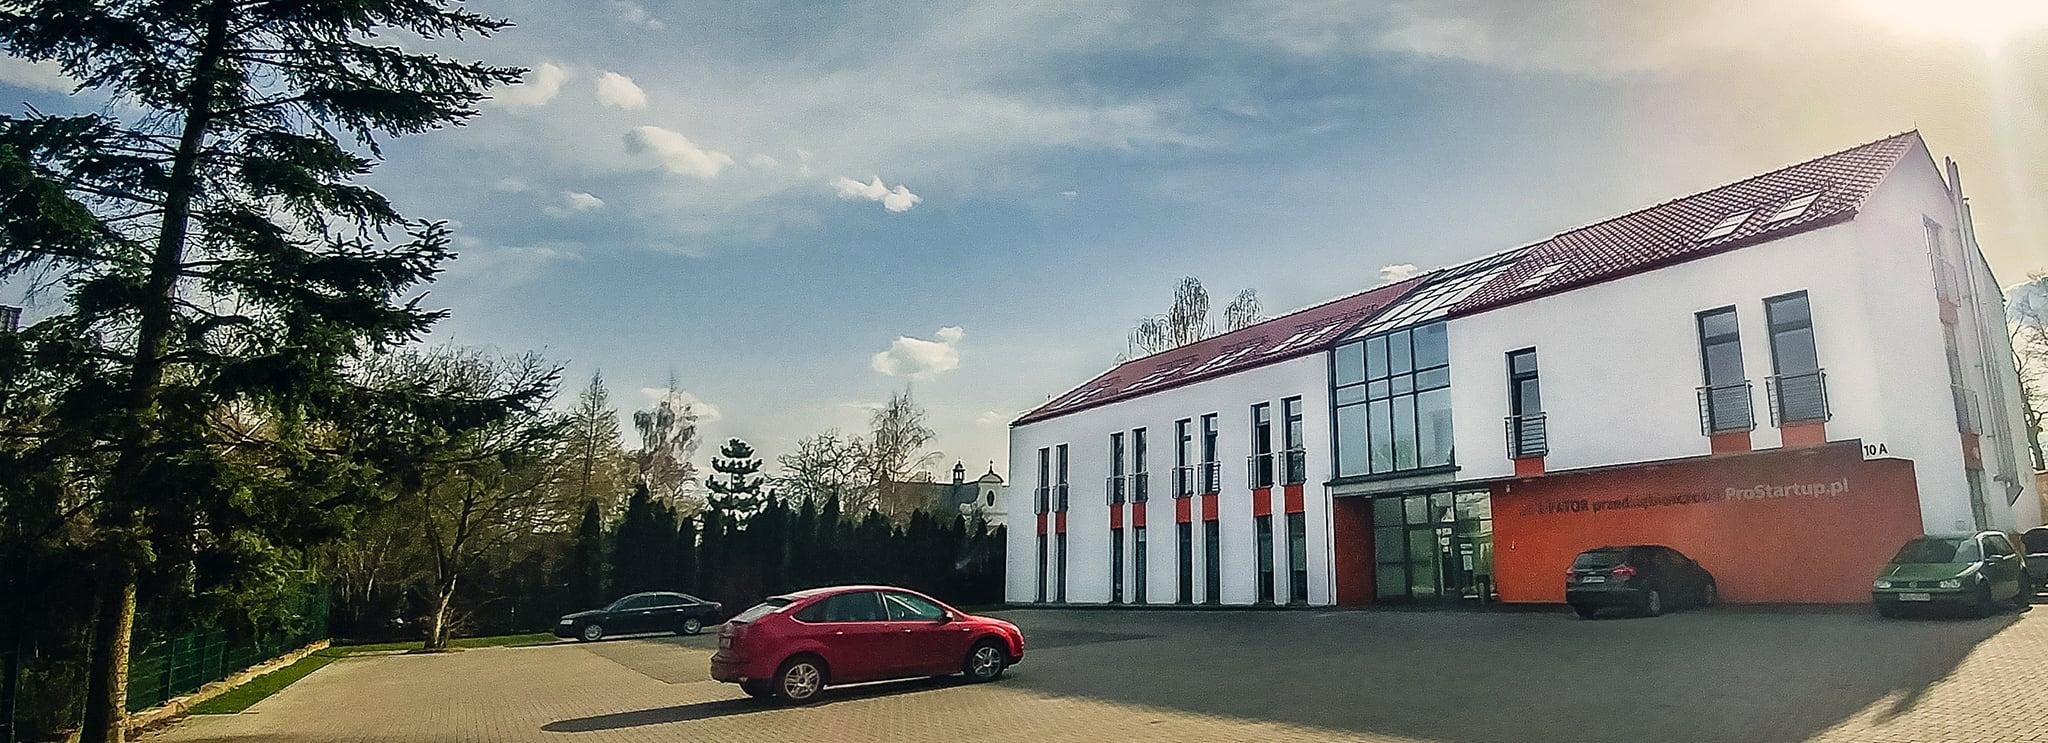 Kanaan nowy budynek front